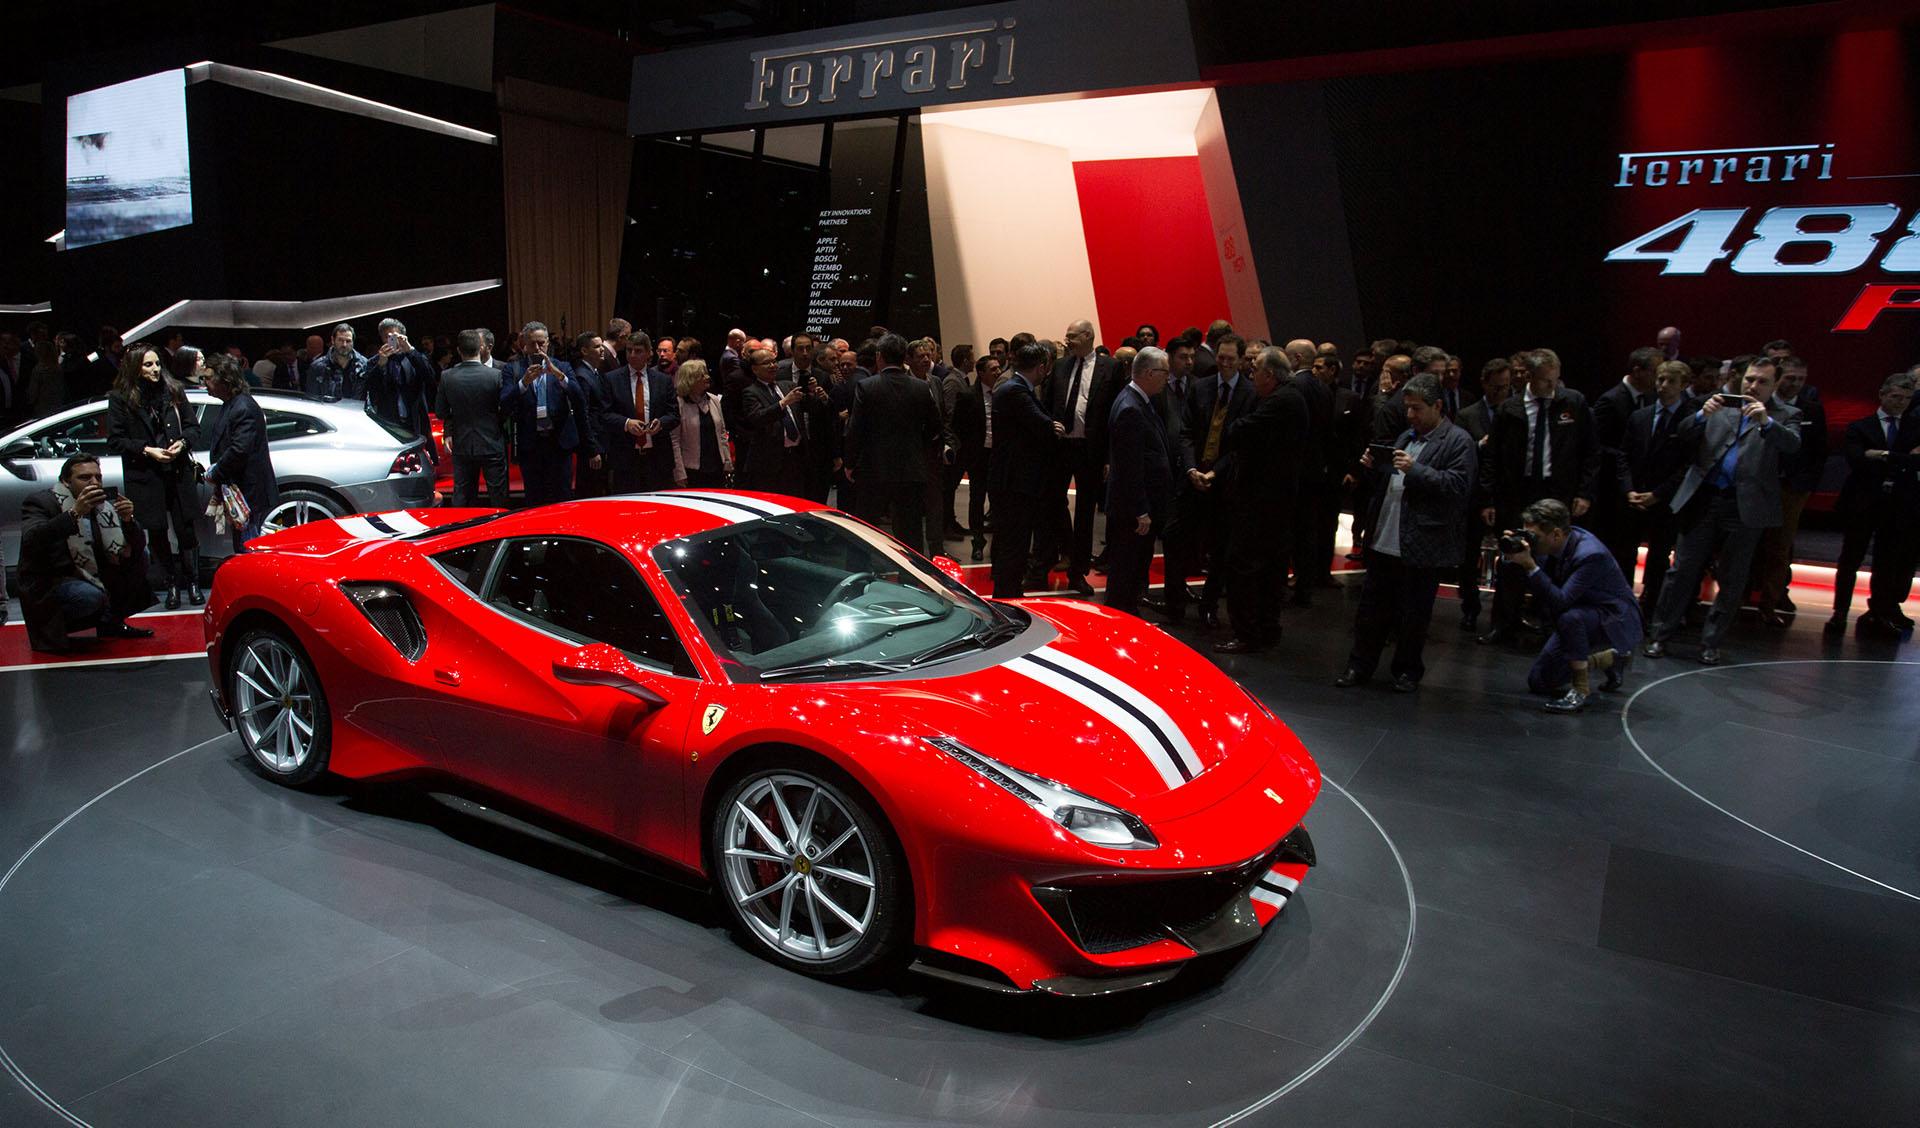 """El Ferrari 488 Pista es una de las principales atracciones del Salón de Ginebra. La escudería italiano lo definió como un """"concentrado de emociones y prestaciones"""". El modelo es la versión más radical y visceral del 488 GTB y el rey en la dinastía de los motores V8"""